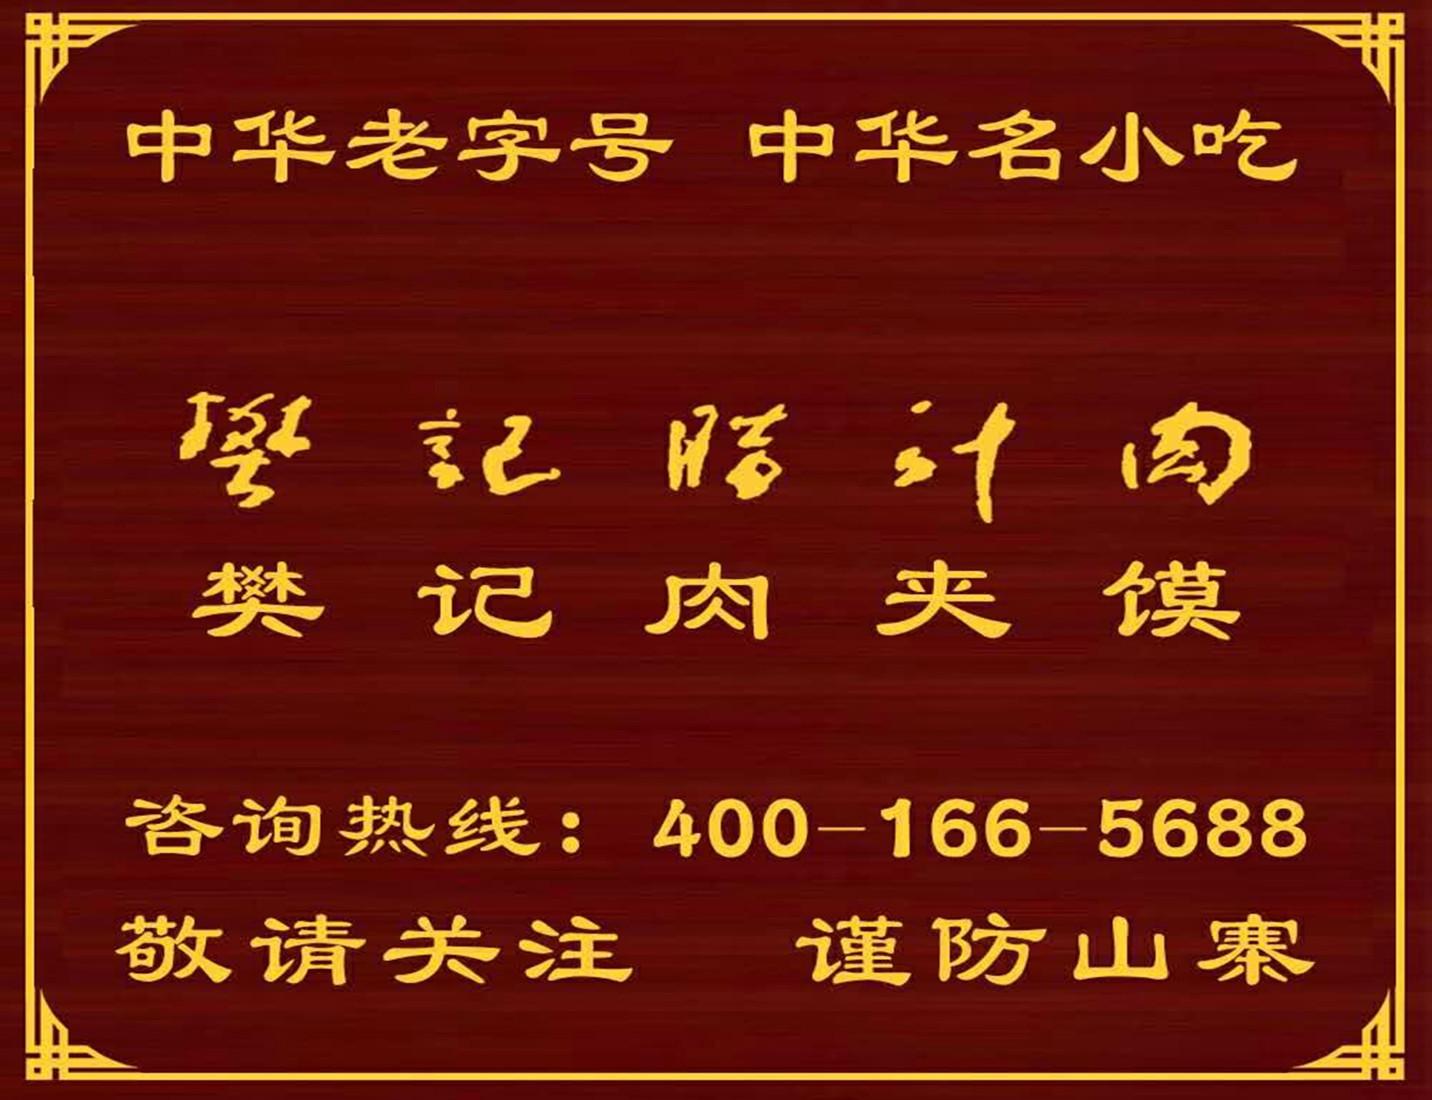 西安市大华餐饮有限责任公司樊记腊汁肉中心厨房